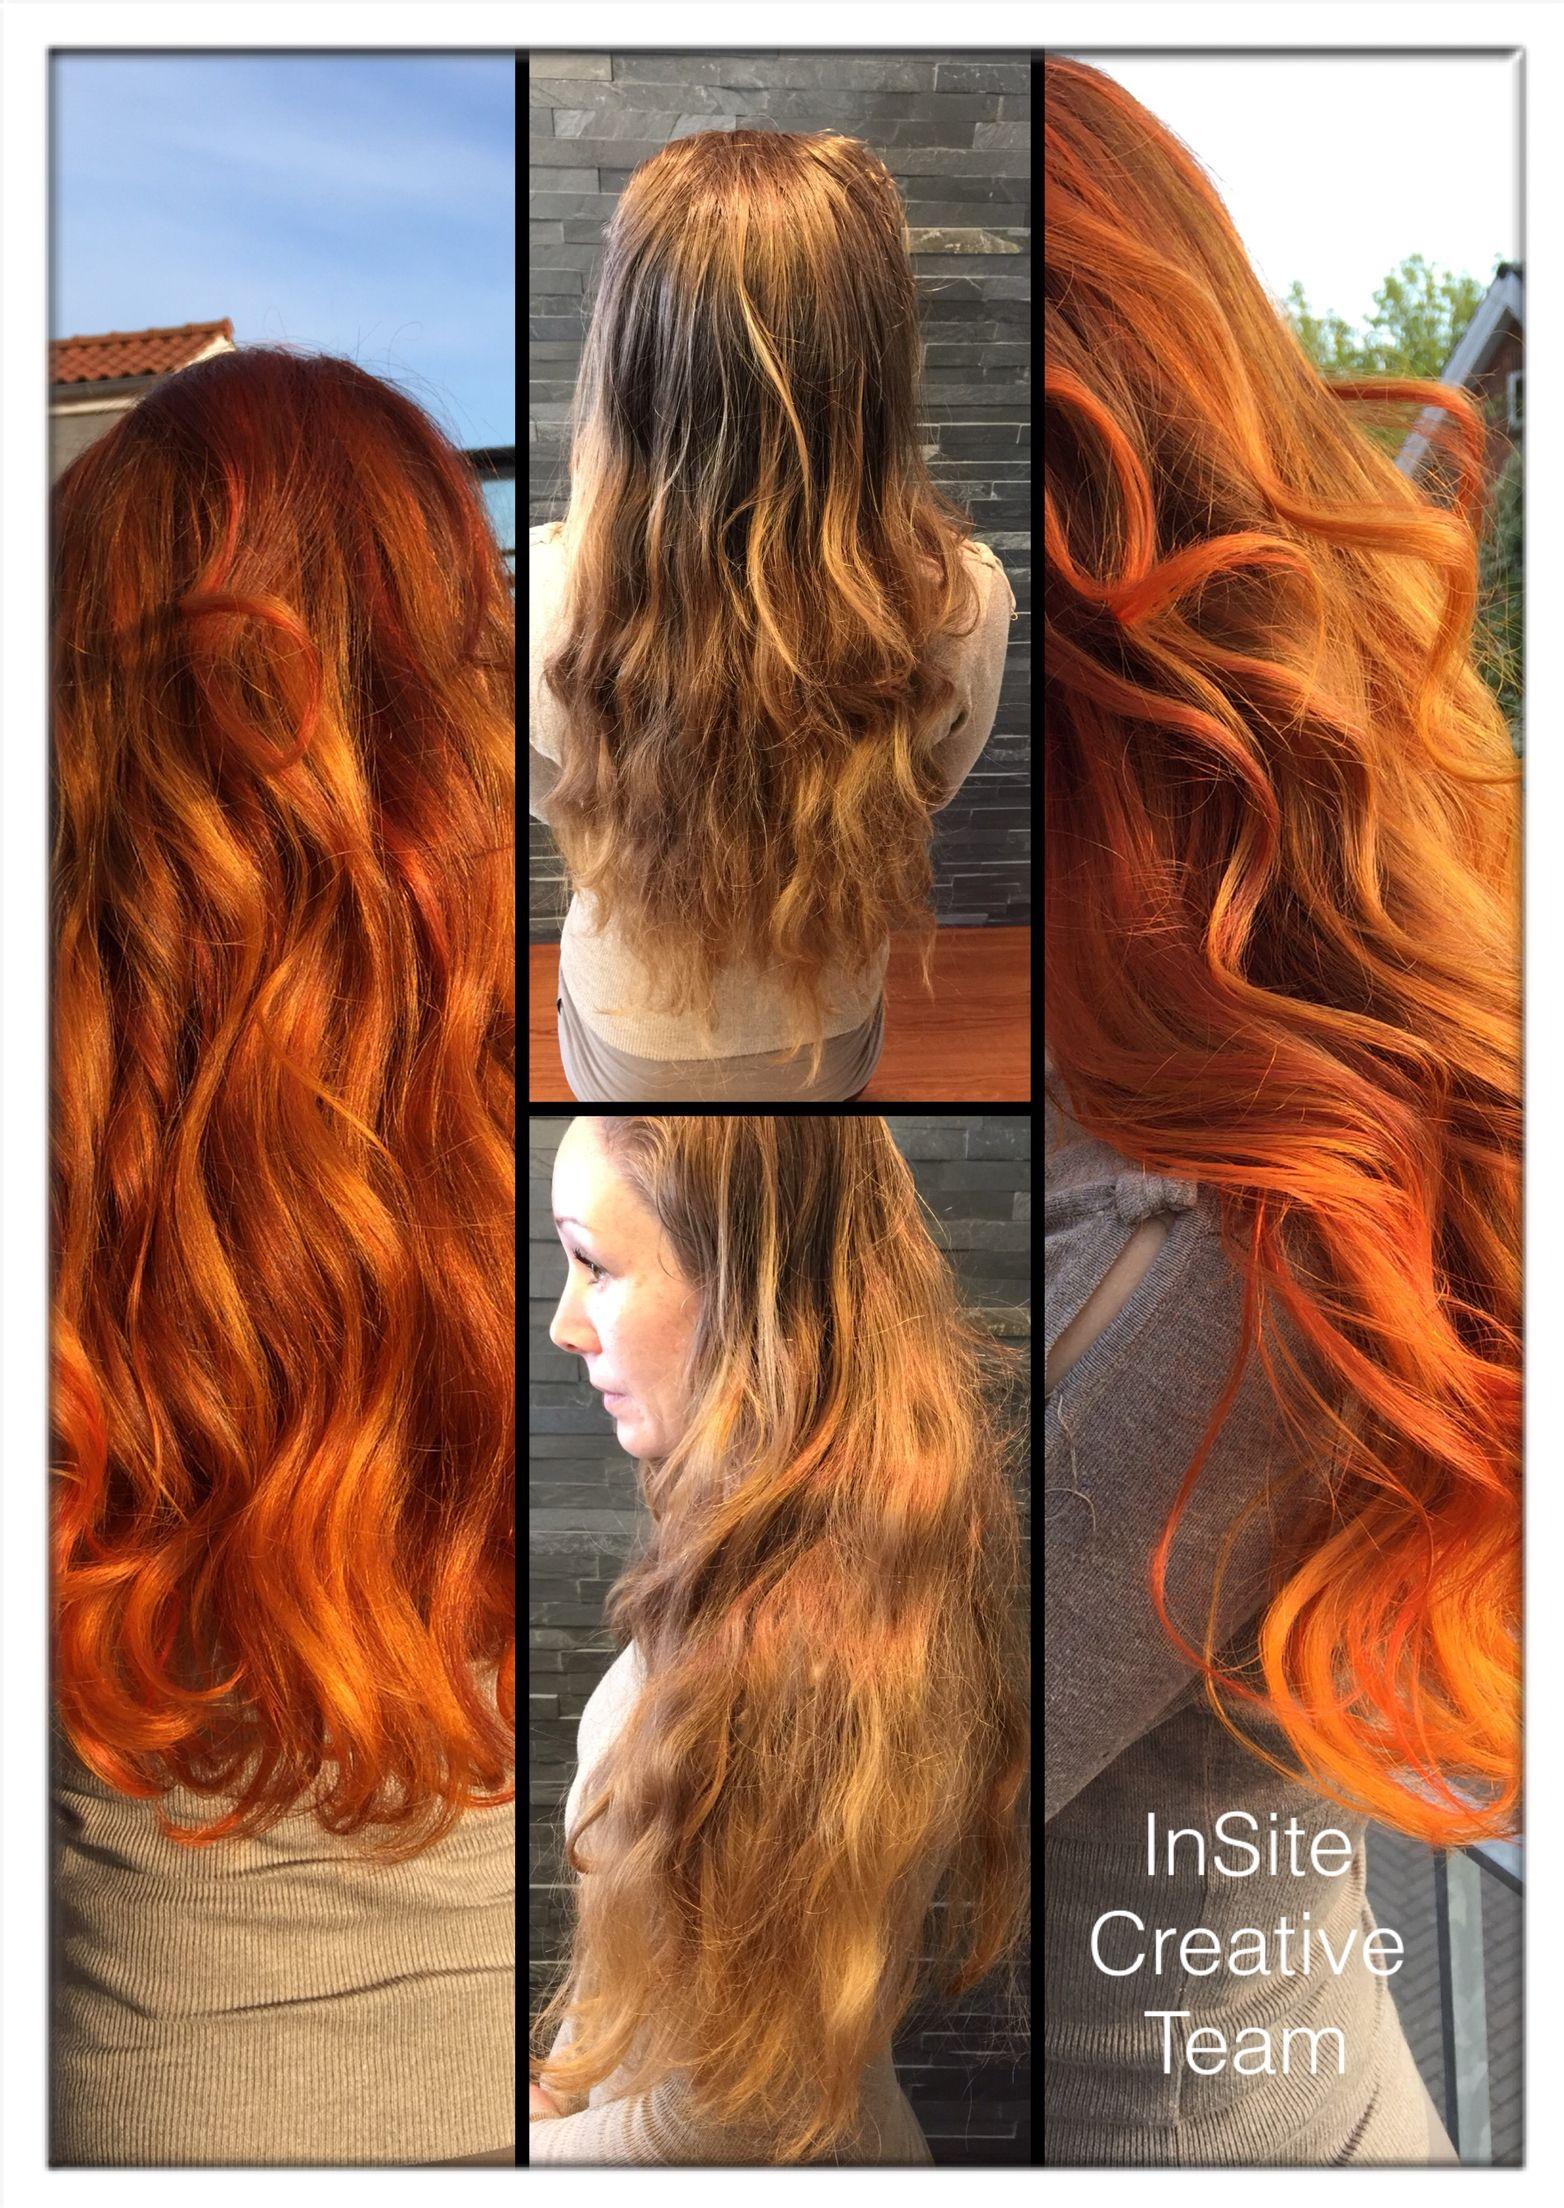 I love what Olaplex can do for our clients hair..  #olaplex #hairdressercopenhagendenmark #olaplexing #olaplexdanmark #olaplexdeutschland #olaplexlove #olaplexusa #olaplexsweden #olaplexnorge #instafashion #insitecreativeteam #instalike #instadaily #saloninsite #goldwell #hair #hairstyle